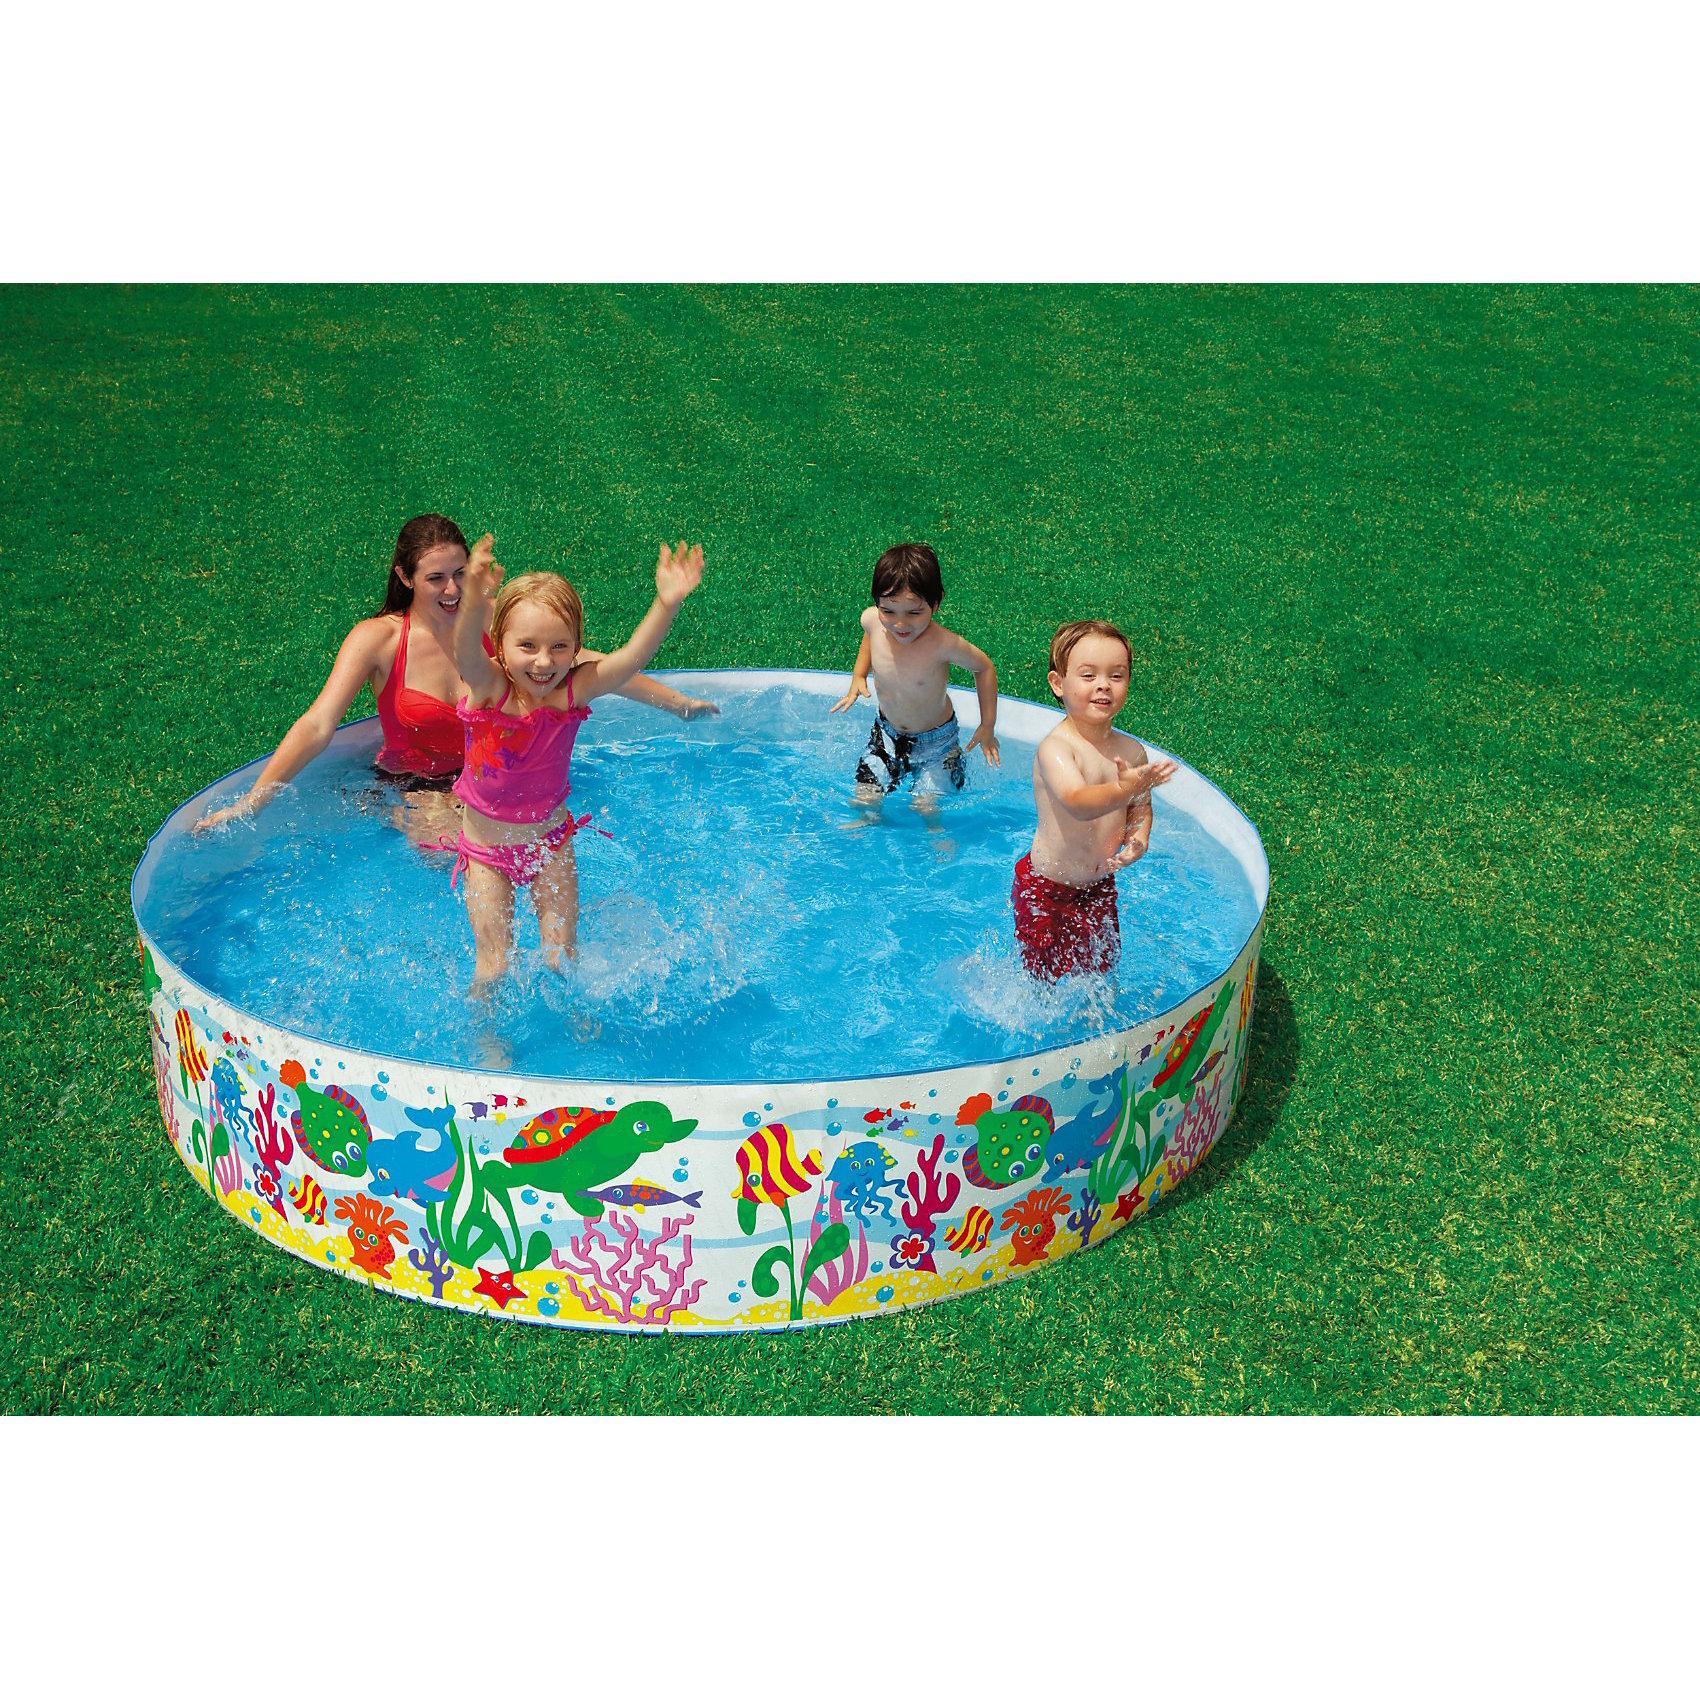 Детский каркасный бассейн Аквариум, IntexБассейны<br>Характеристики тоавара:<br><br>• диаметр: 244 см.<br>• высота: 46 см<br>• вместимость(80%):  1706 литров <br>• вес: 4,1 кг<br>• тип: жесткий<br>• дно: ПВХ пленка <br><br>Детский  бассейн Аквариум, Intex (Интекс) сочетает в себе такие качества, как просторность и надежность. <br><br>Нет необходимости в его надувании – достаточно разложить его и наполнить водой. <br><br>Ненадувные стенки из плотного материала, исключают случайное прокалывание. <br><br>Веселые экзотические рыбки морского рифа, нарисованные на бортах бассейна обязательно понравятся понравится Вашим малышам, и они еще с большим удовольствием играть и плескаться!<br><br>Детский  бассейн Аквариум, Intex (Интекс) можно купить в нашем интернет-магазине.<br><br>Ширина мм: 494<br>Глубина мм: 177<br>Высота мм: 177<br>Вес г: 3995<br>Возраст от месяцев: 36<br>Возраст до месяцев: 1164<br>Пол: Унисекс<br>Возраст: Детский<br>SKU: 3340375